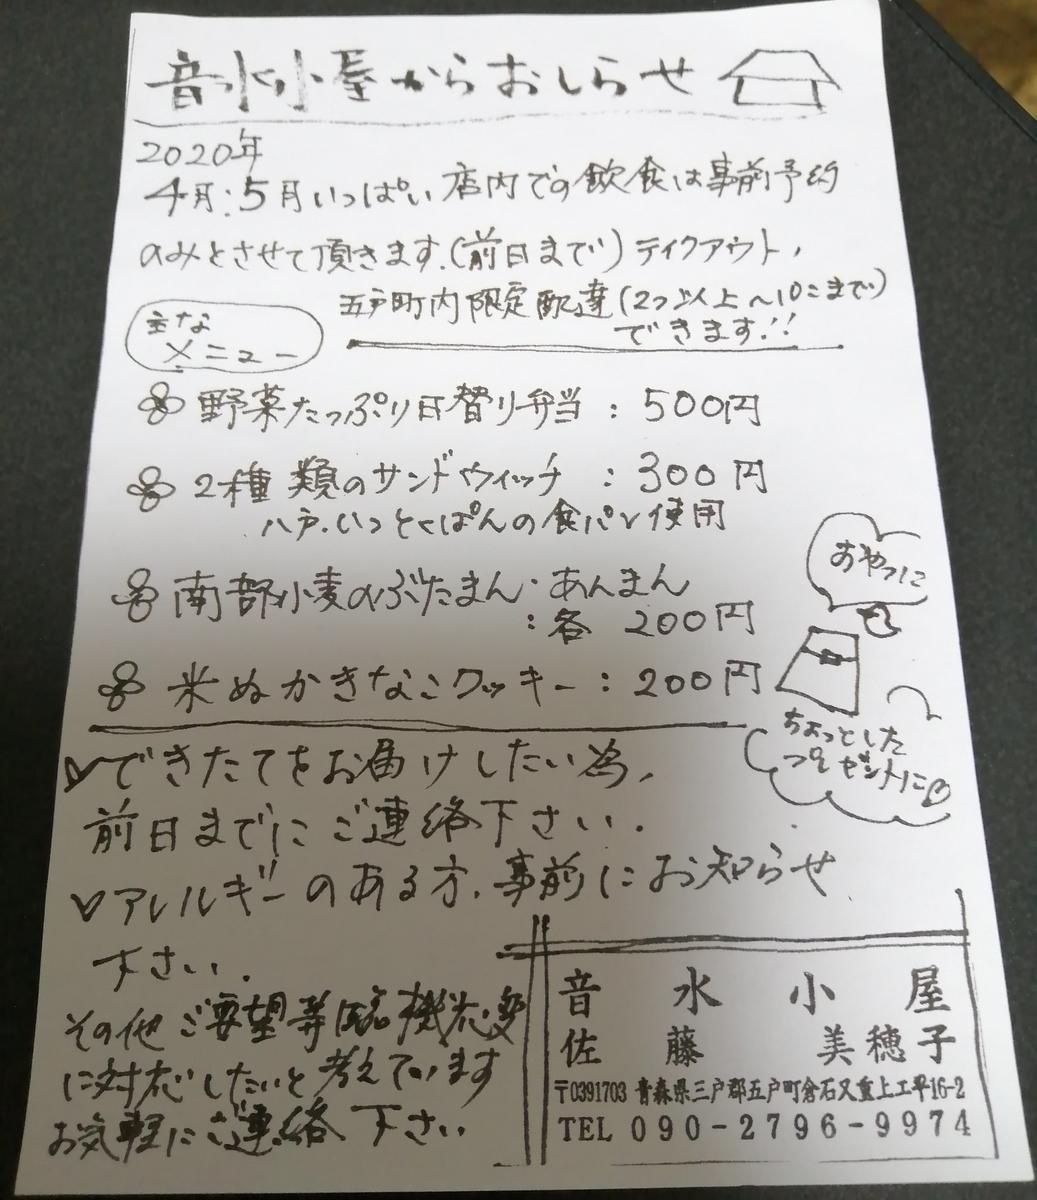 f:id:ichiekko:20200428162212j:plain